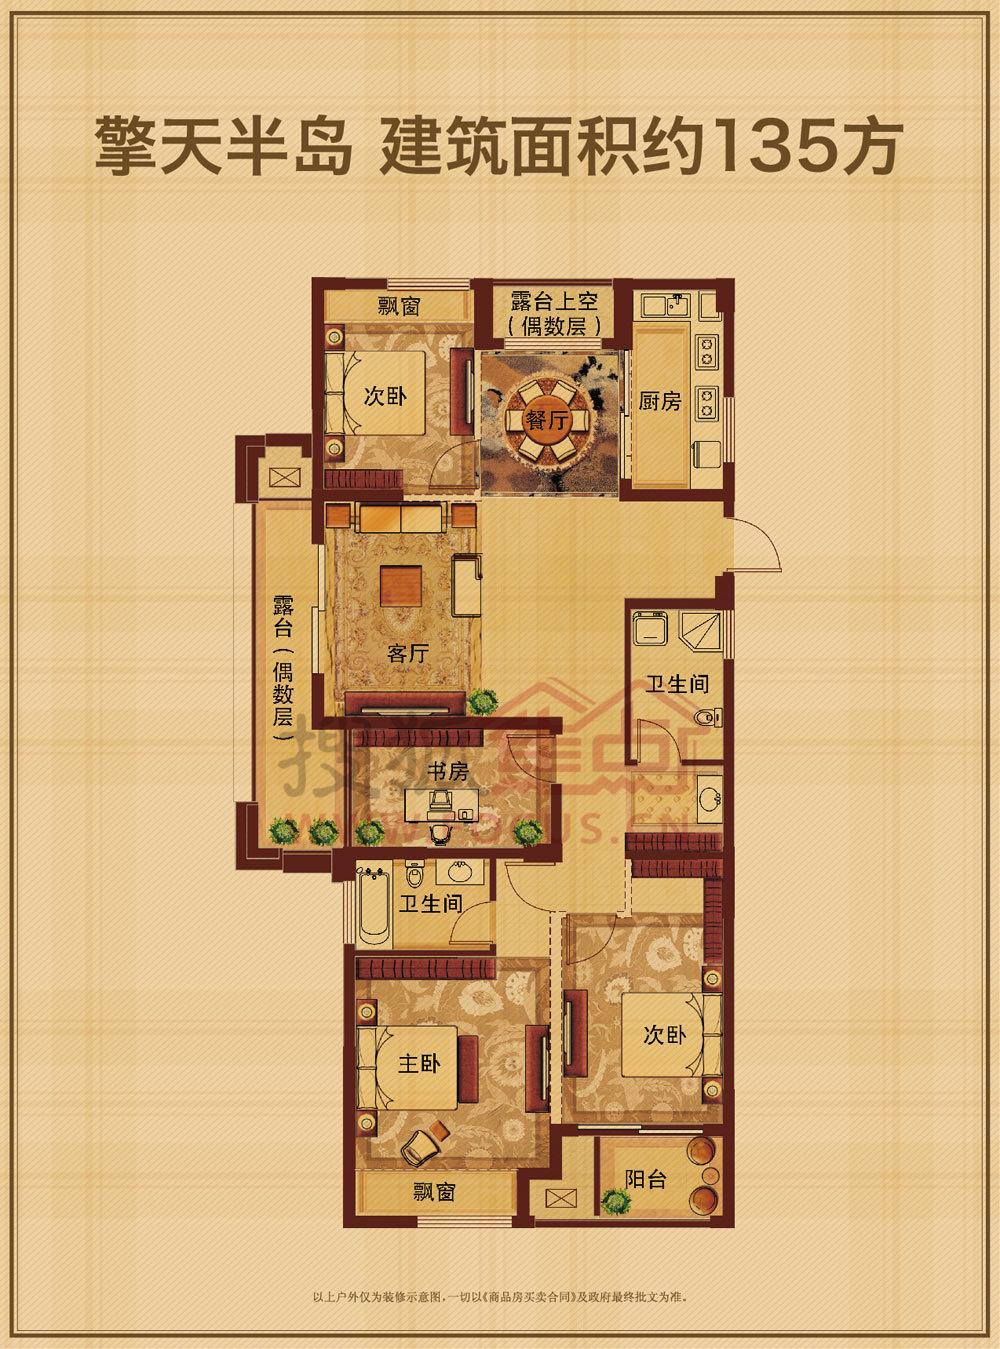 东田擎天半岛135平米四室两厅两卫户型